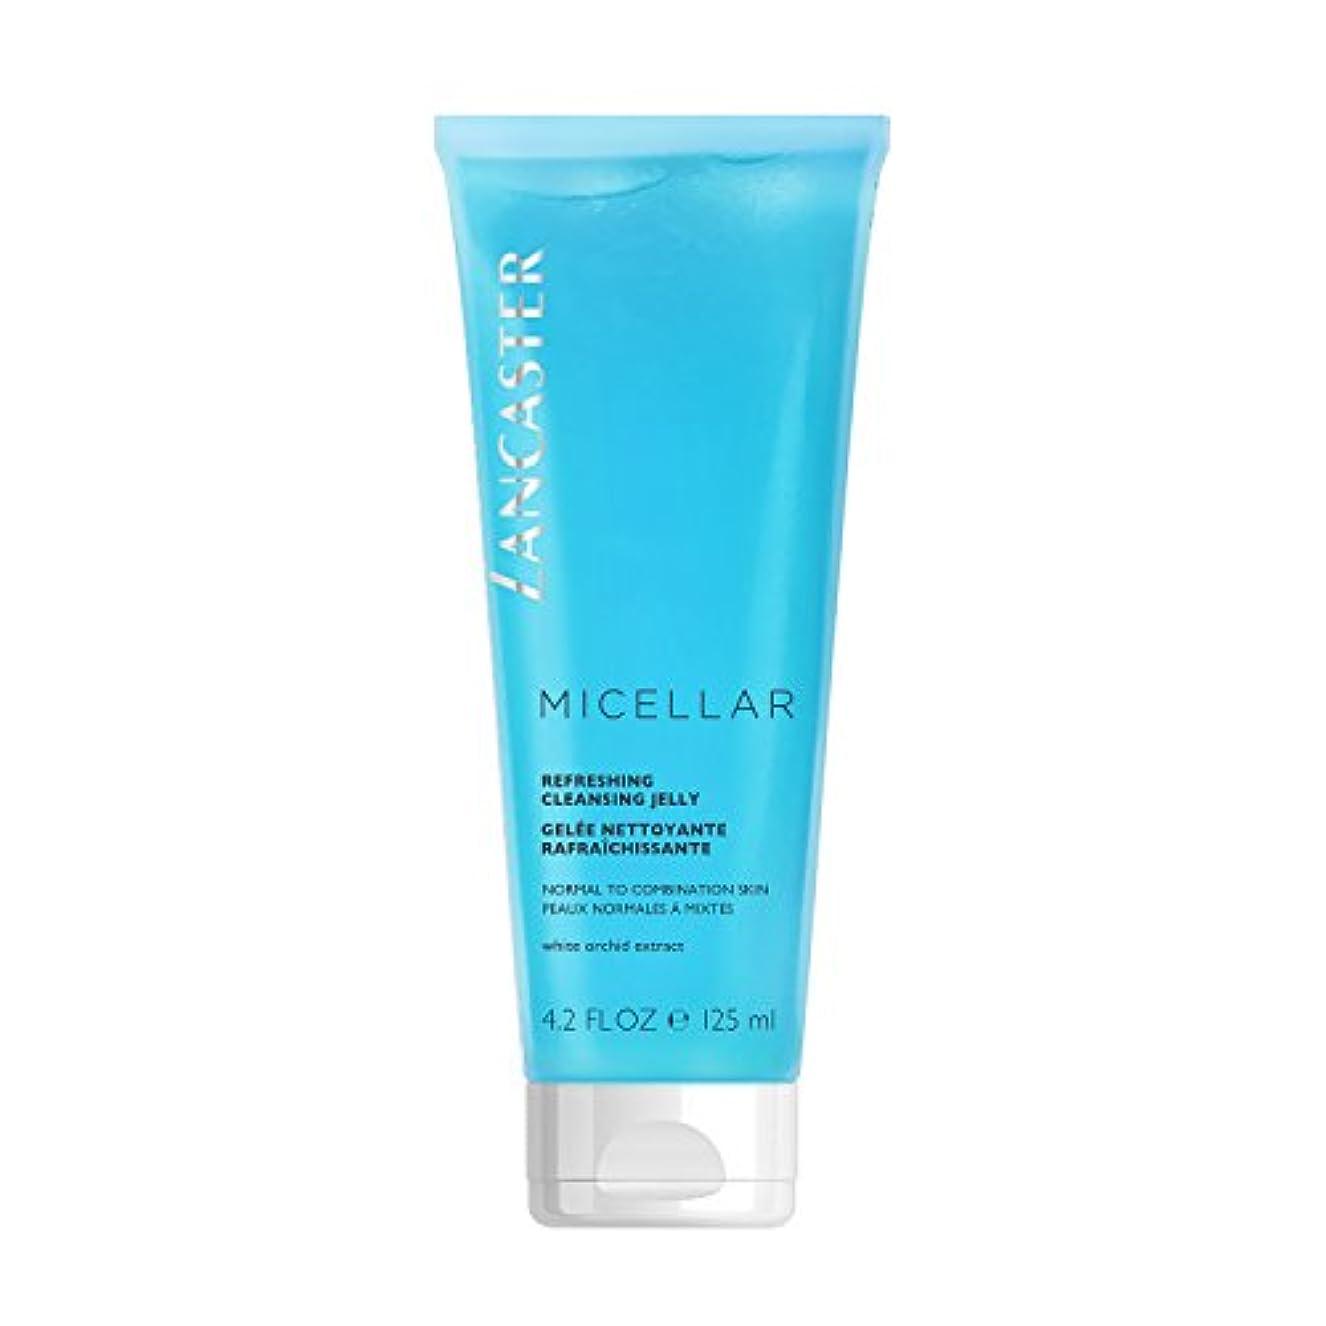 アーティファクト通貨イヤホンランカスター Micellar Refreshing Cleansing Jelly - Normal to Combination Skin, Including Sensitive Skin 125ml/4.2oz並行輸入品